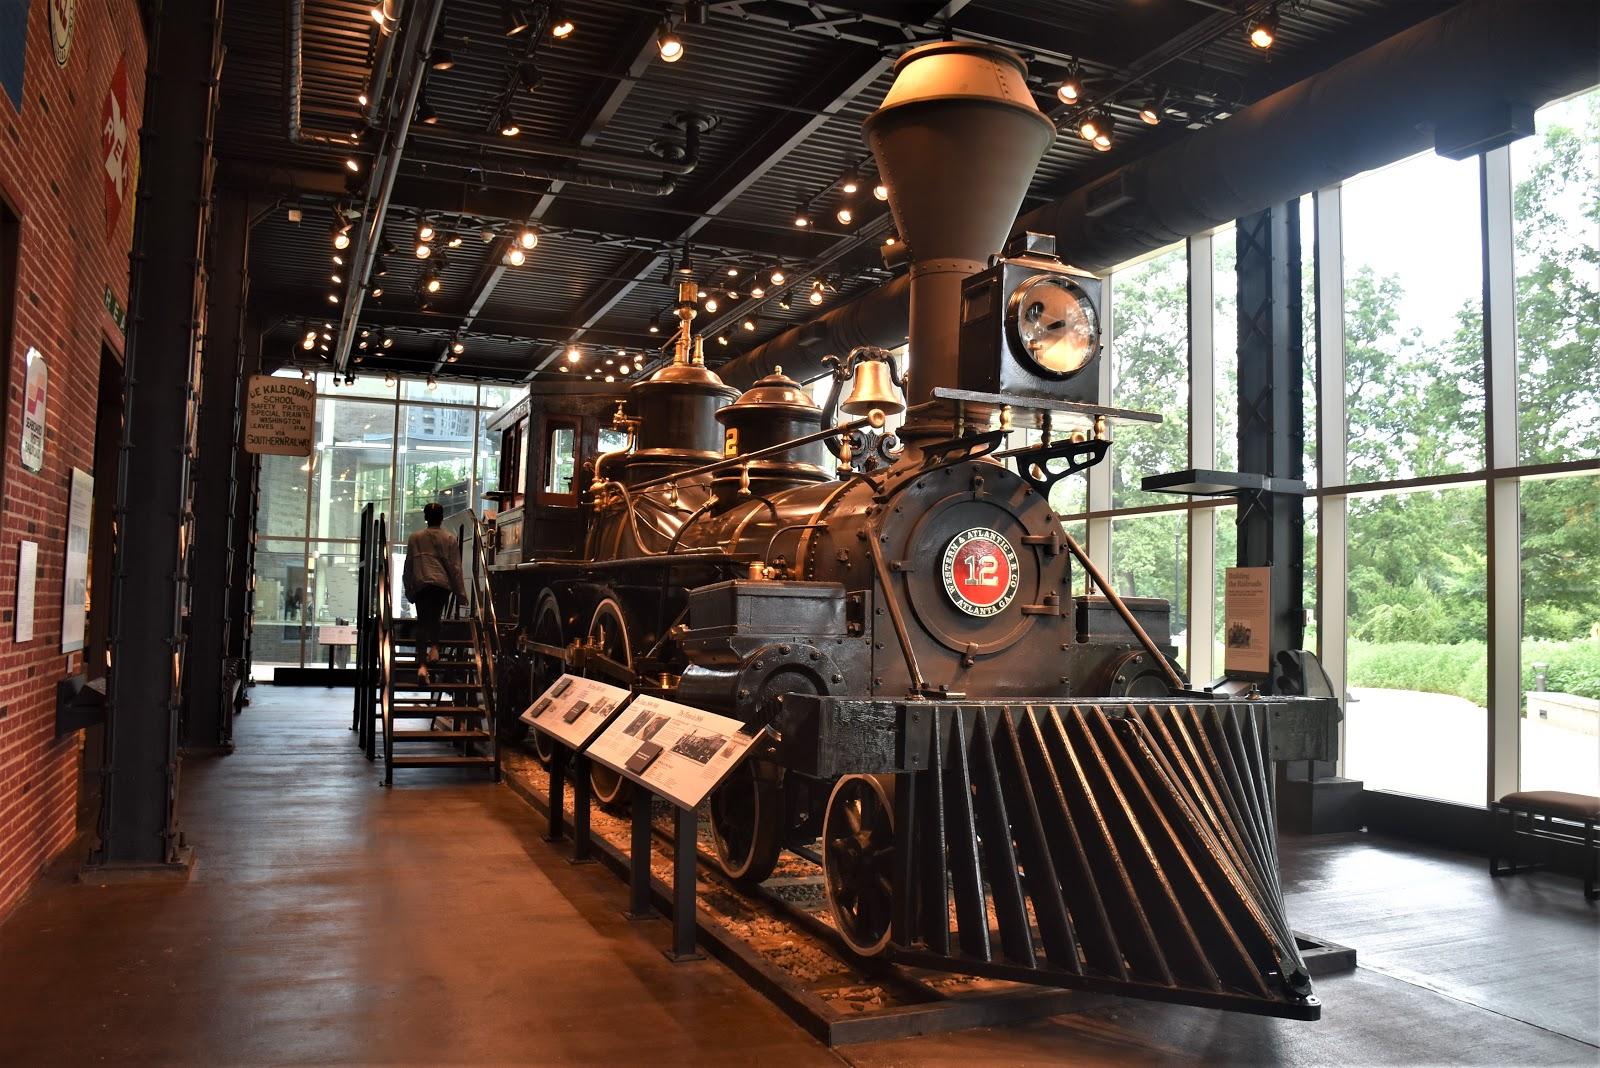 Top Museum You Must Visit in Atlanta: Atlanta History Center